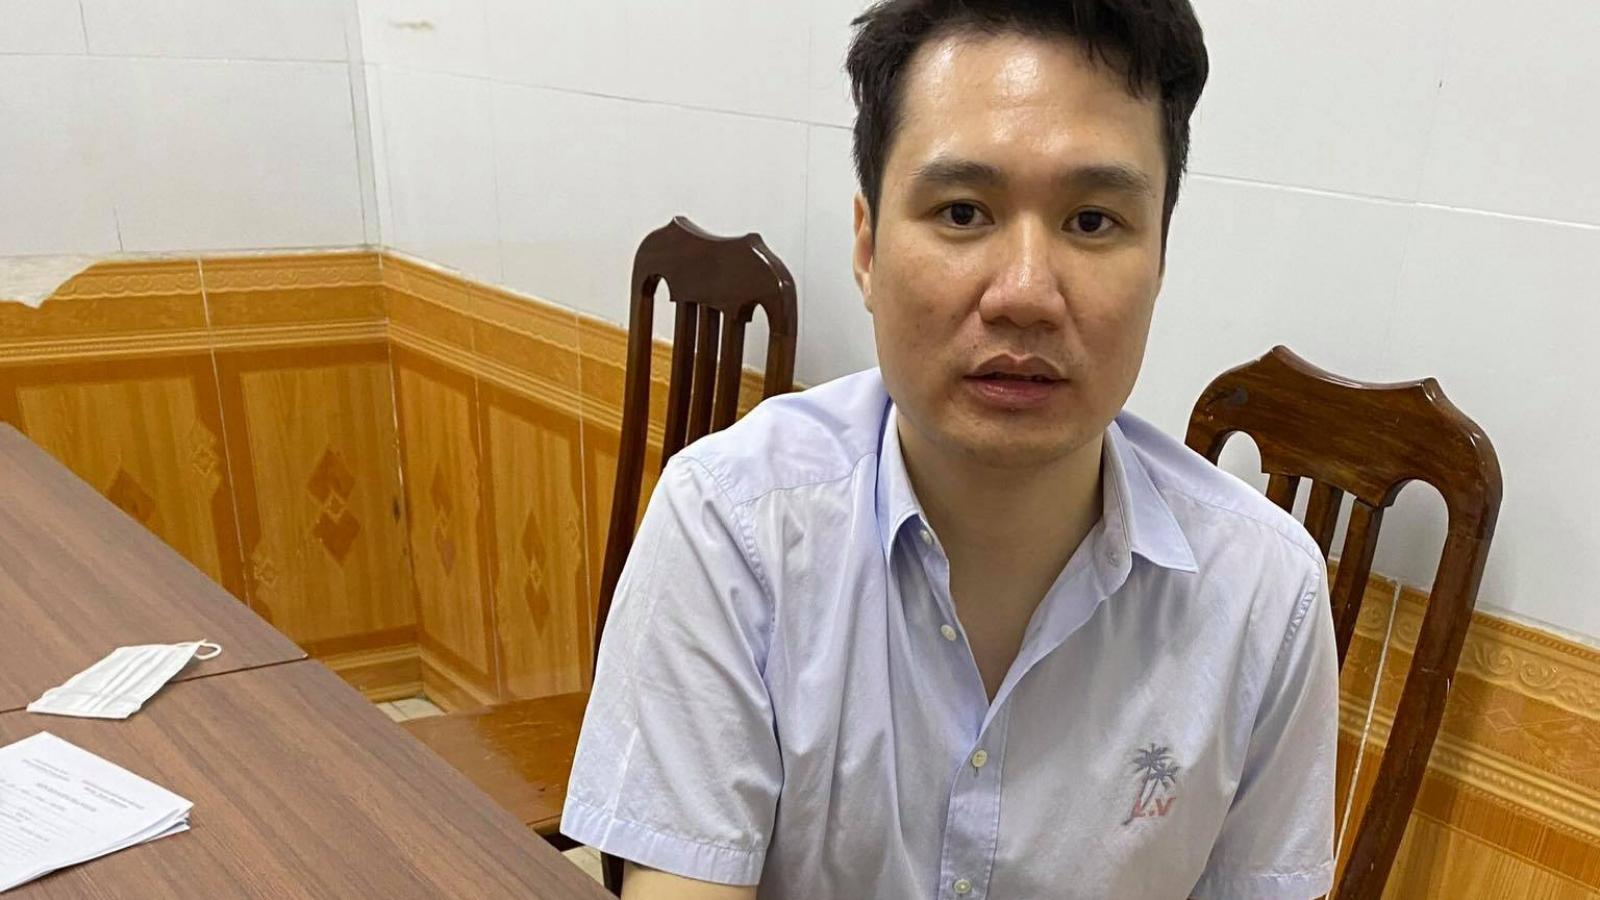 Bắt đôi nam nữ sử dụng ma túy tại chung cư cao cấp ở Hà Nội